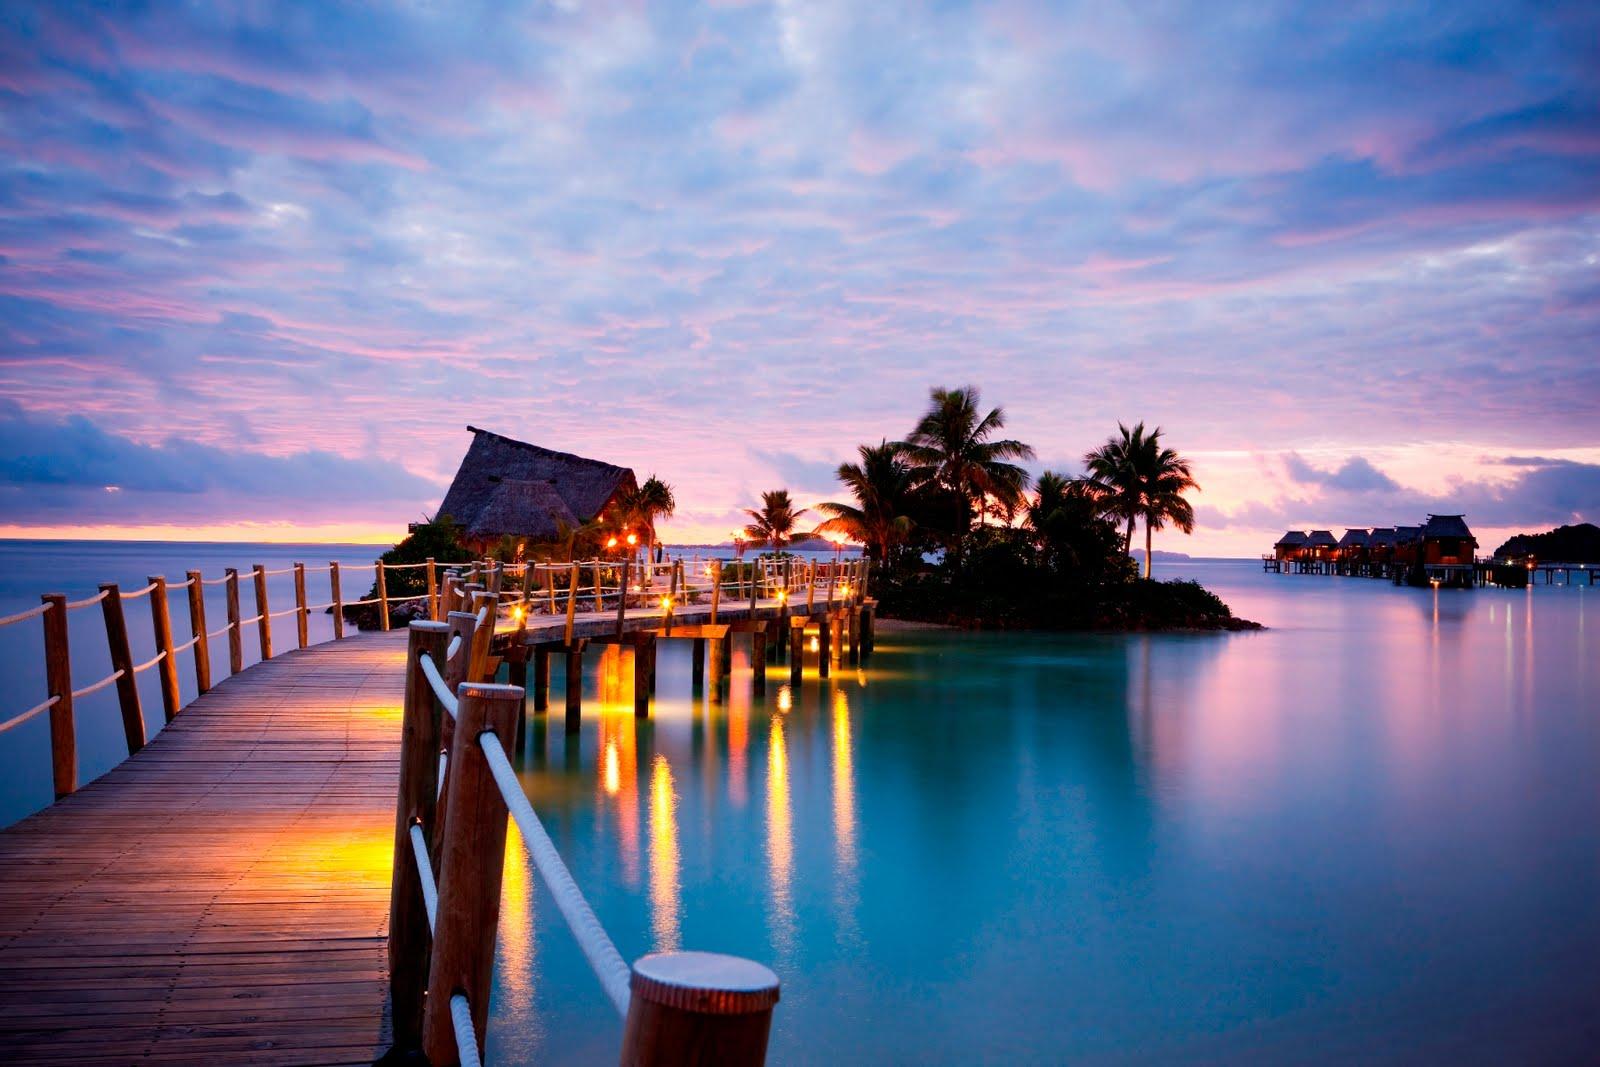 Likuliku Island Resort